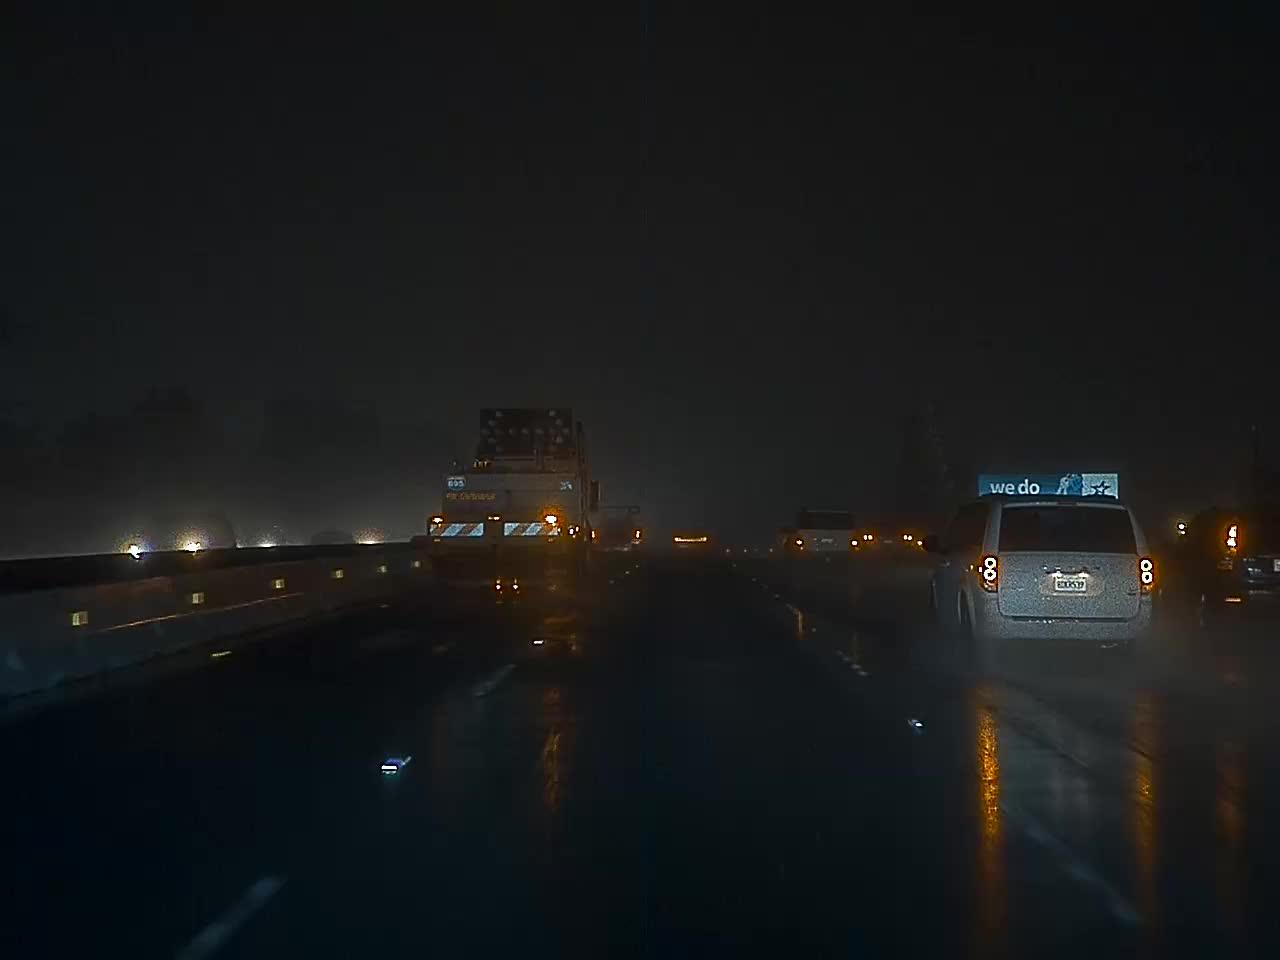 dashcam, Blade Runner GIFs